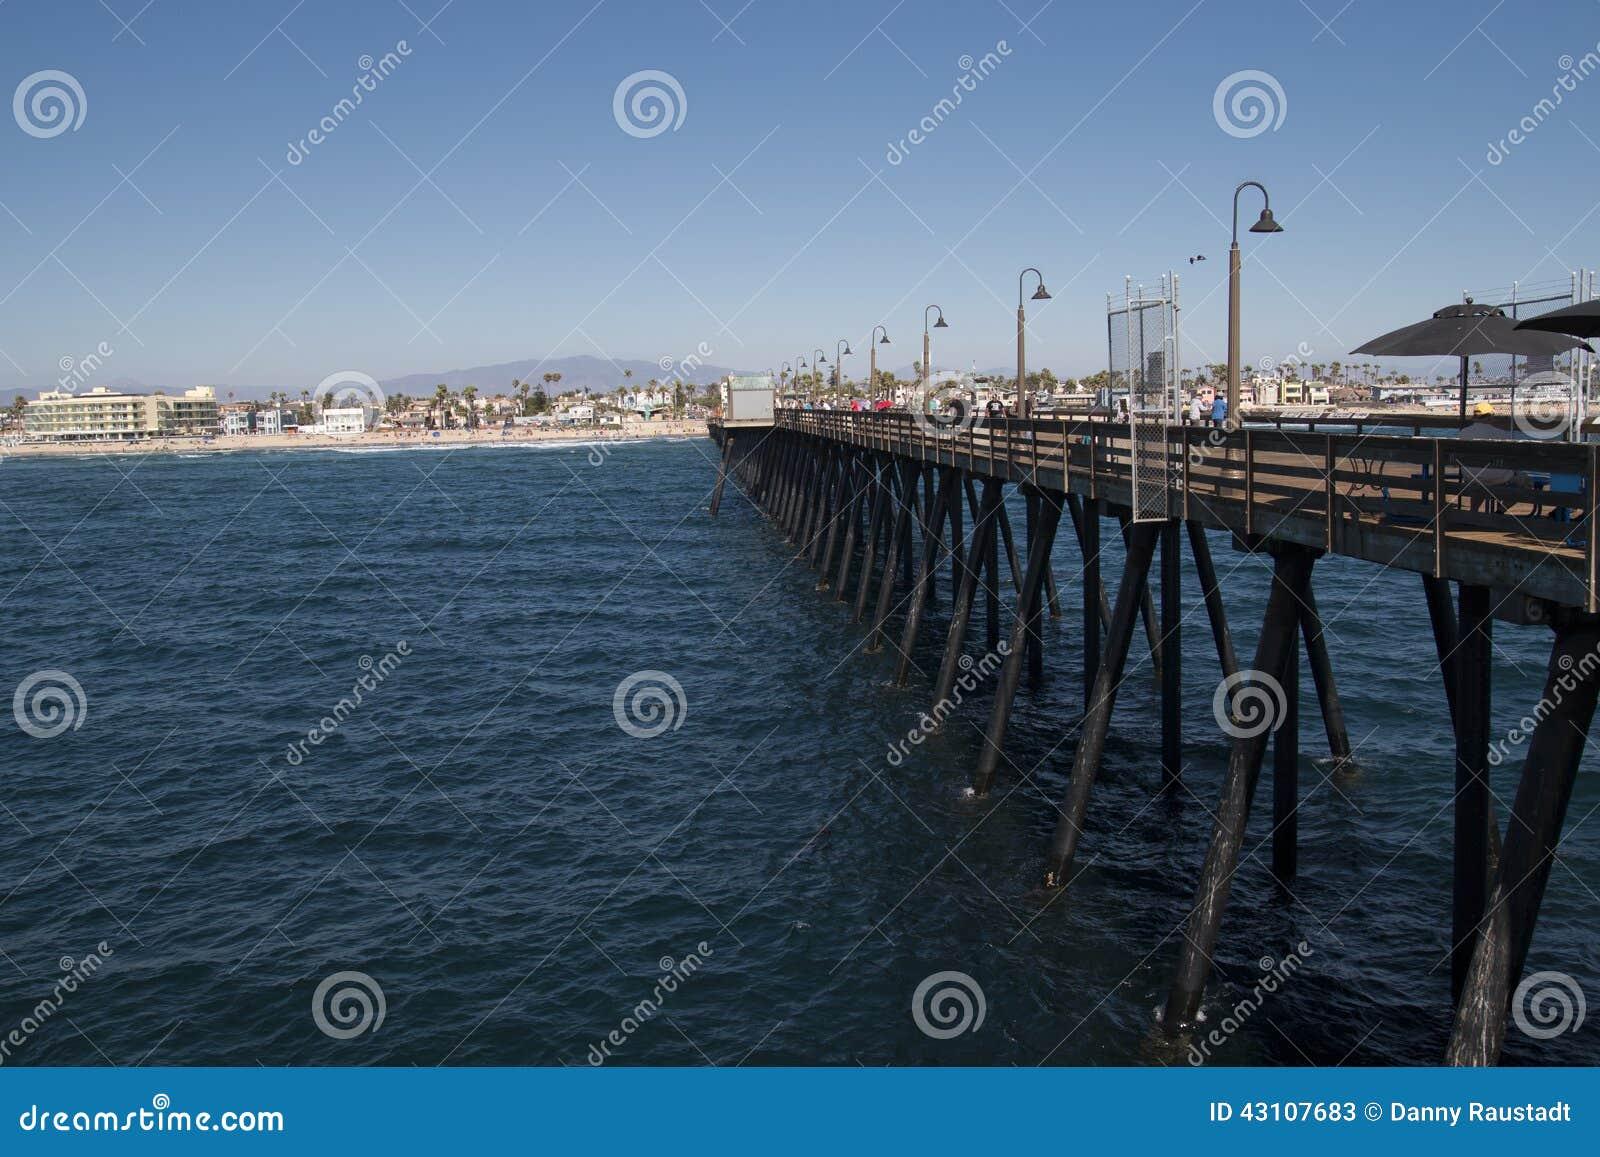 Cais imperial próximo San Diego do centro da praia, Califórnia